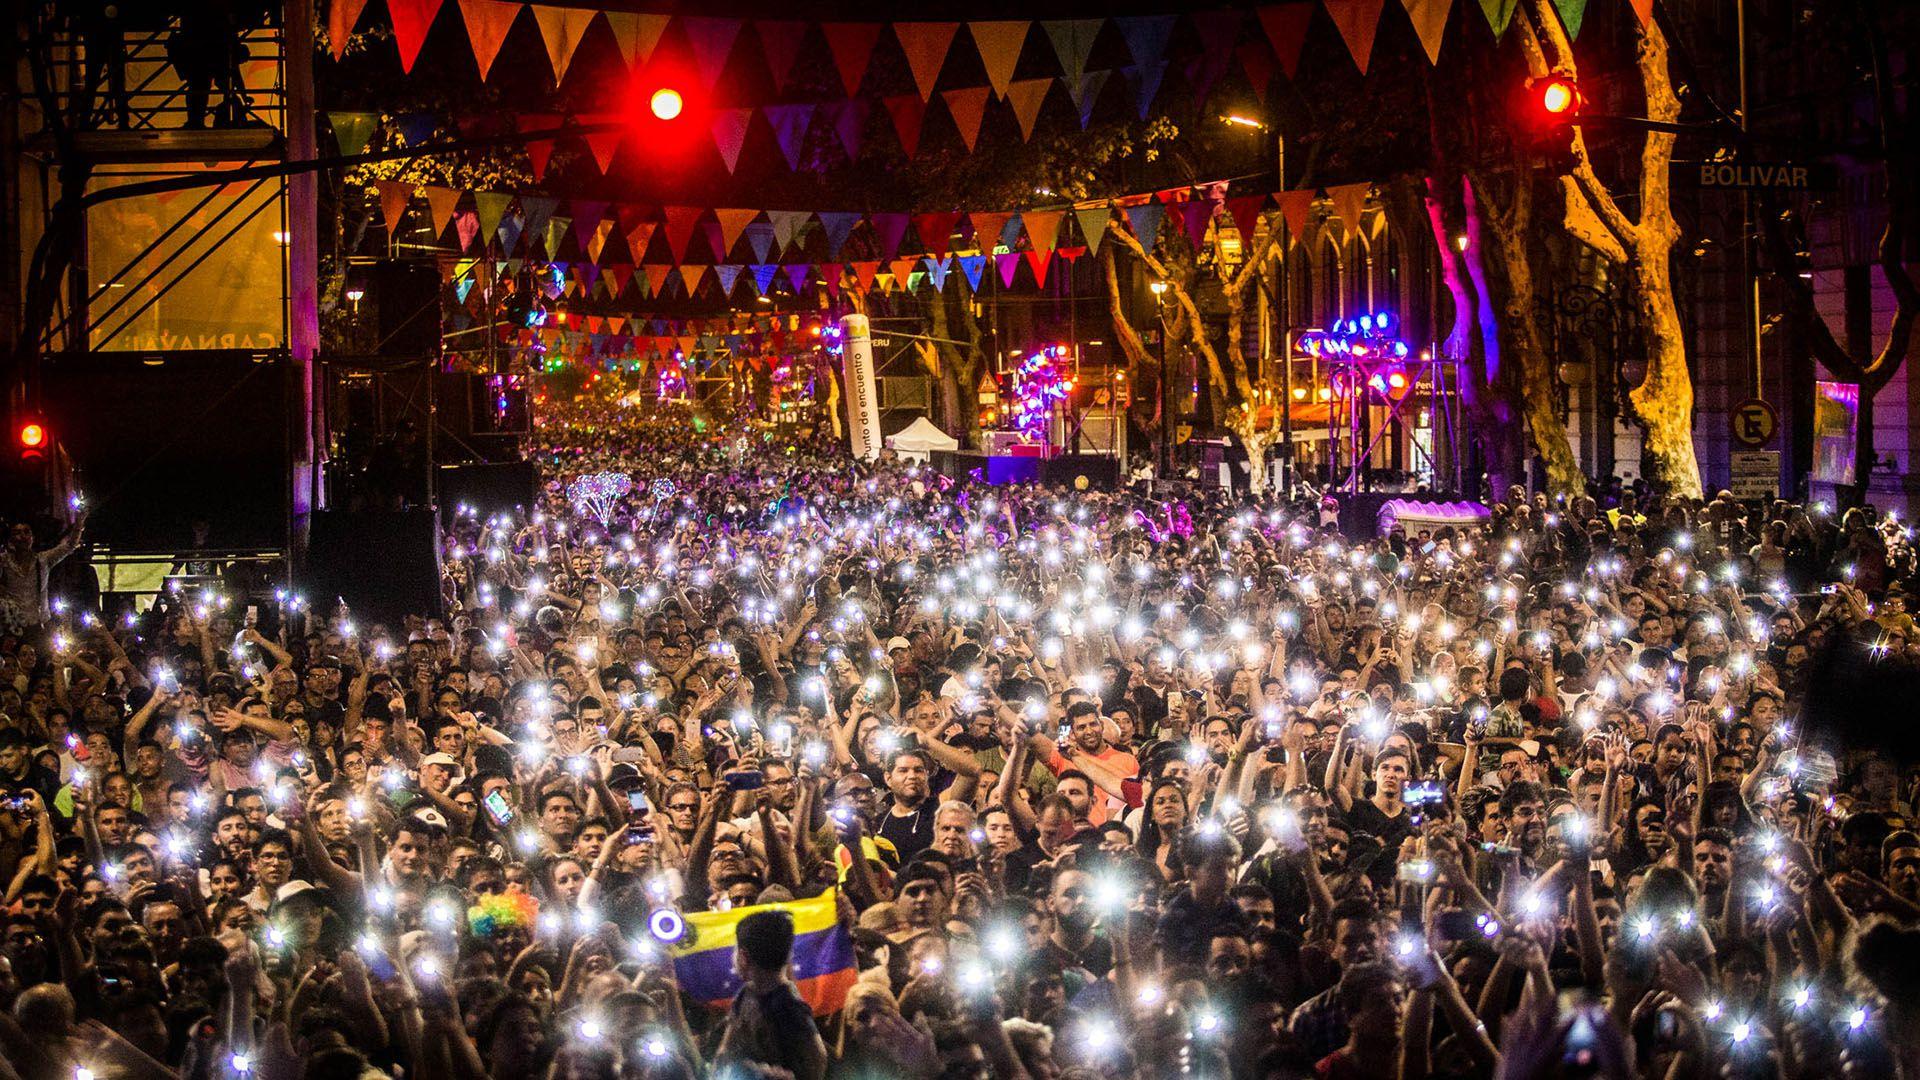 Como sucede cada año, se espera que el evento sea muy concurrido (Fotos / Gentileza Ministerio de Cultura).